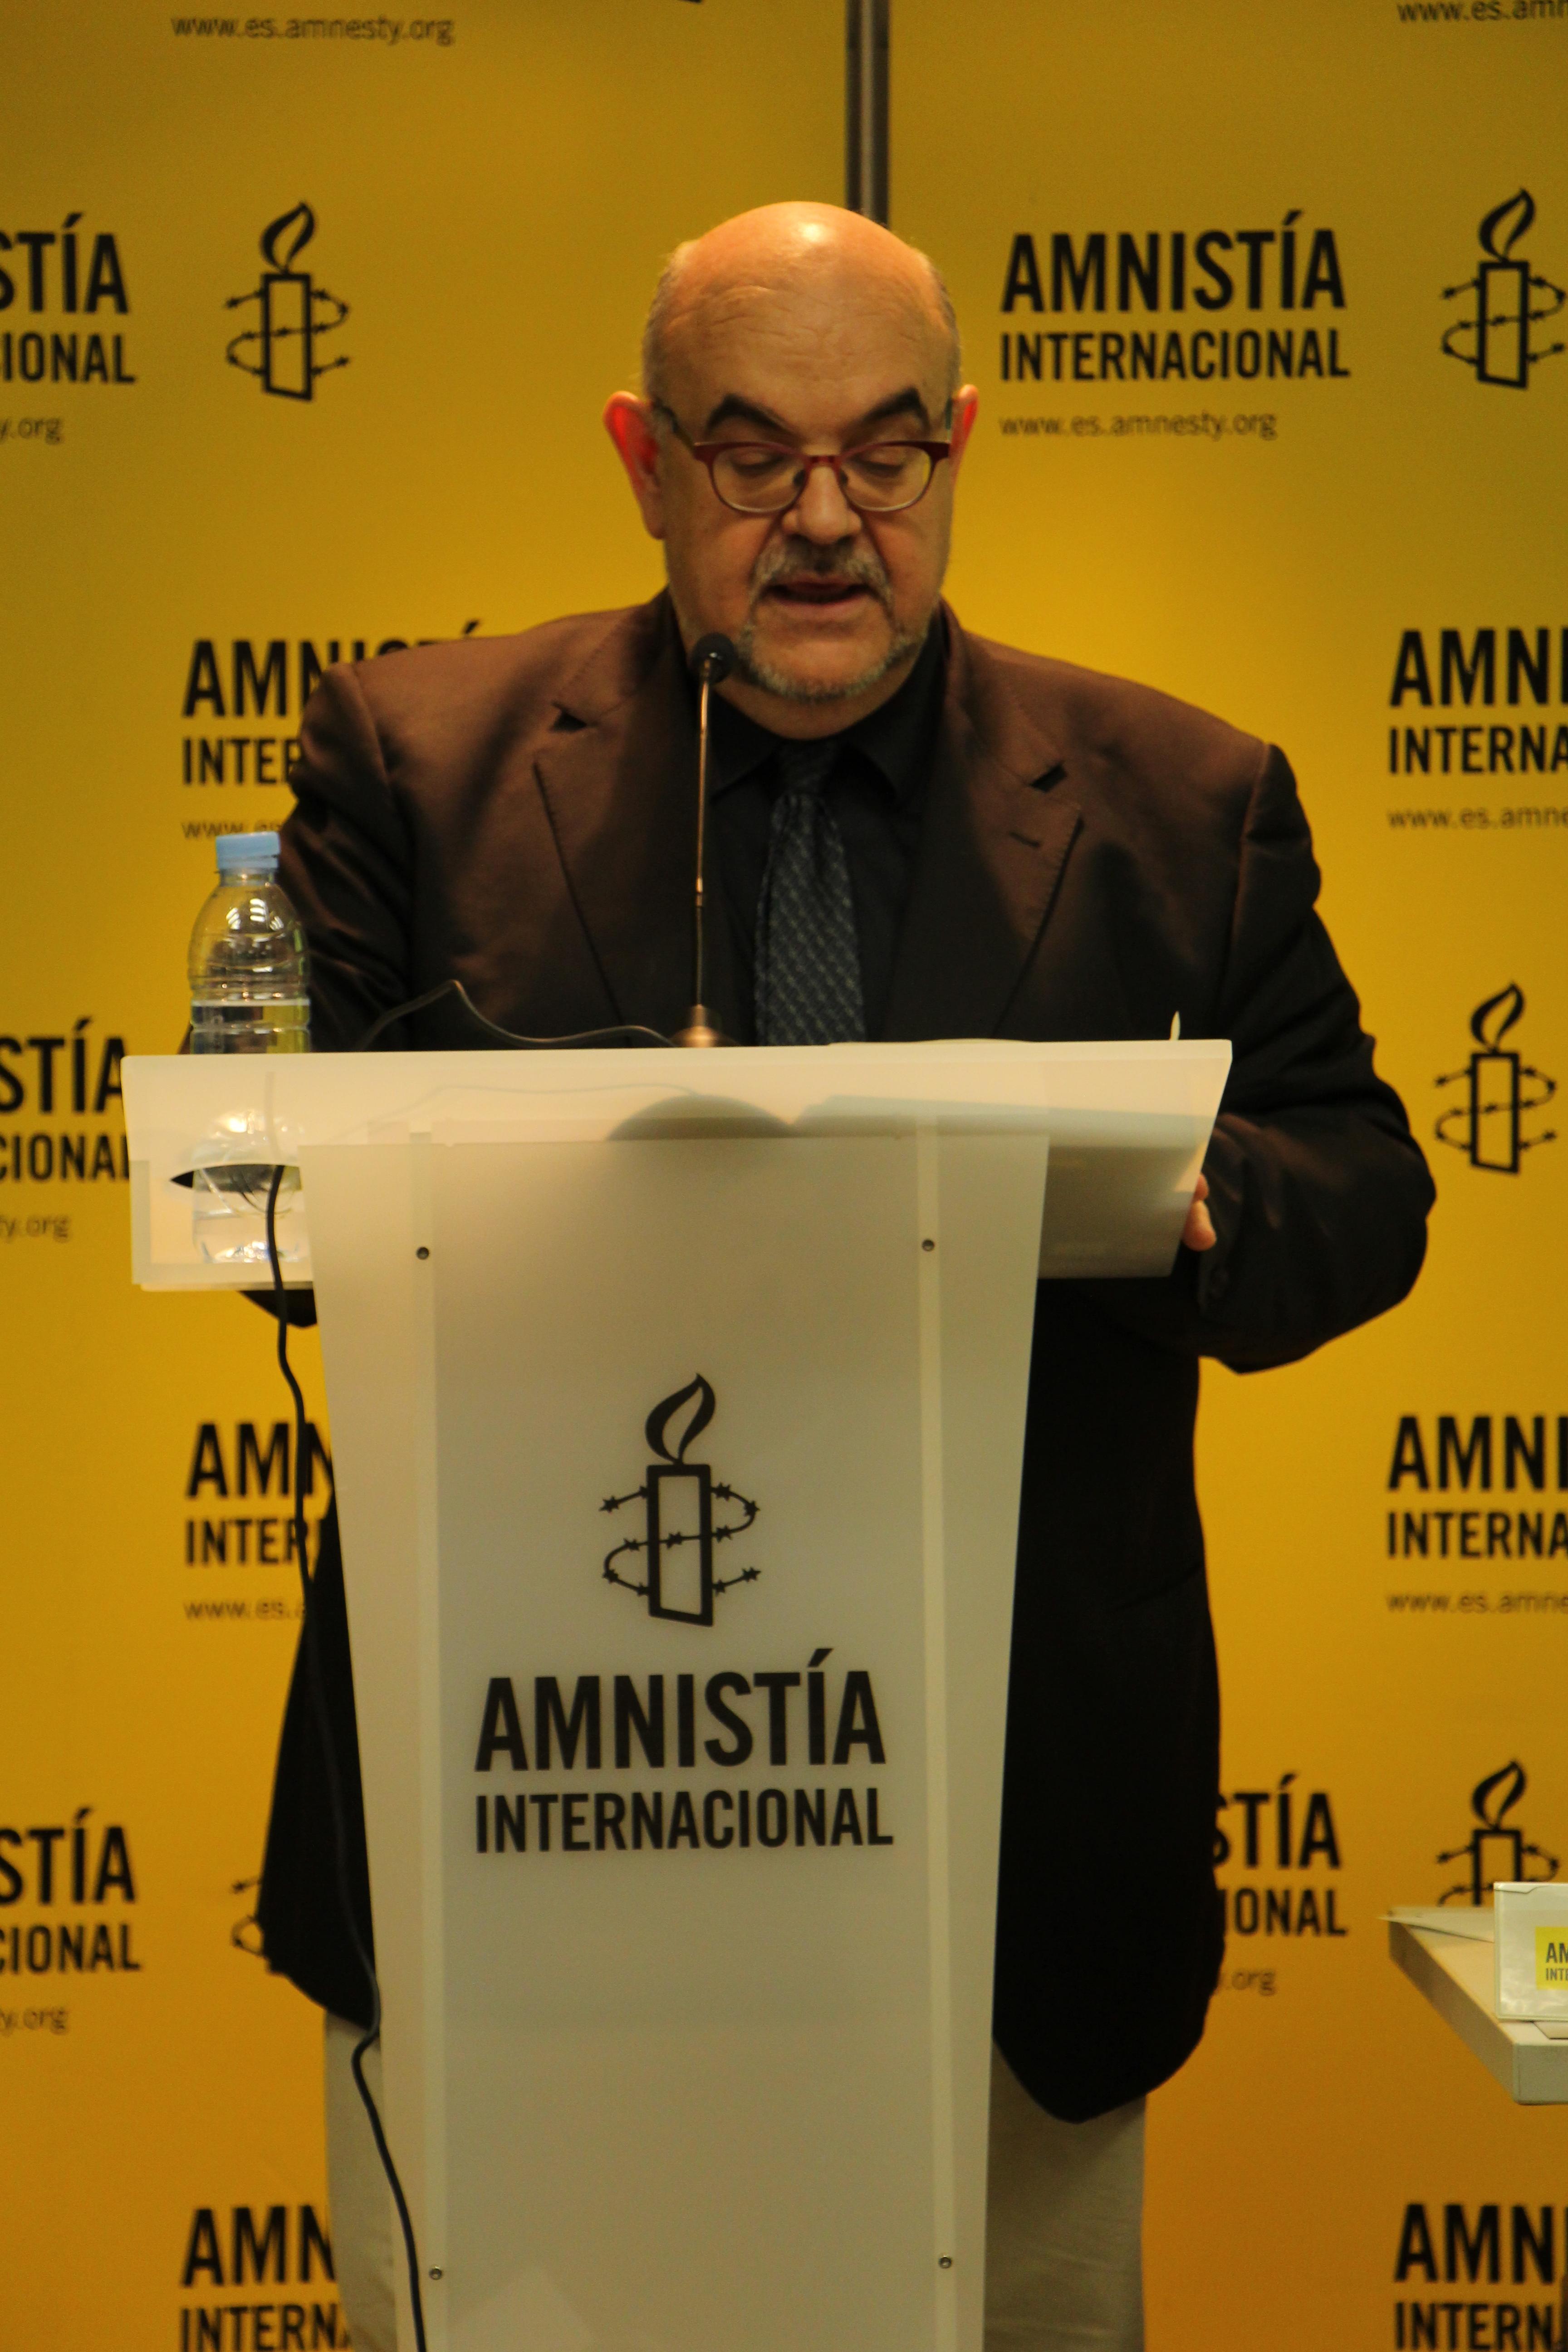 Esteban Beltrán, director de la sección española de Amnistía Internacional